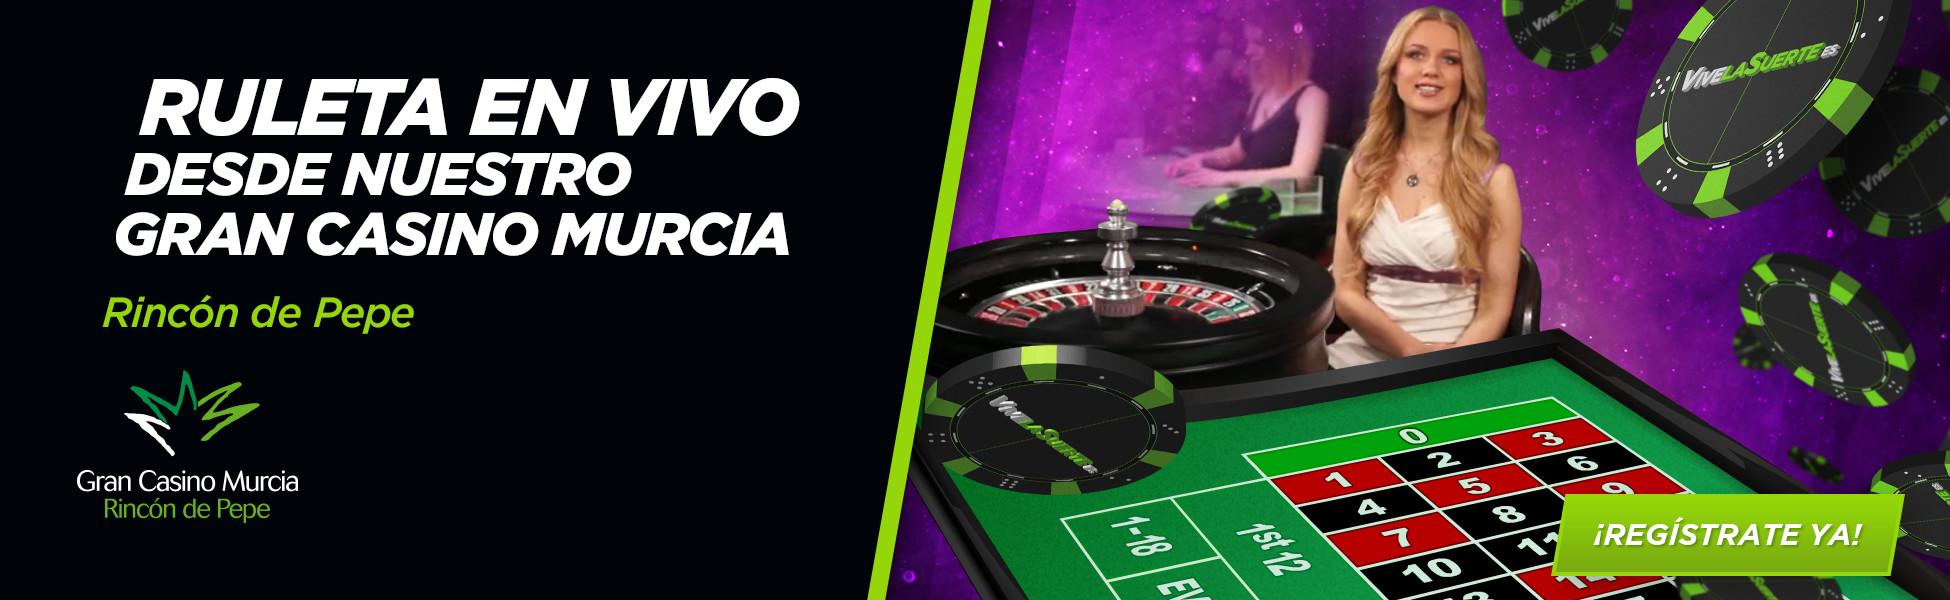 Casino fiables Chile ruleta-549208